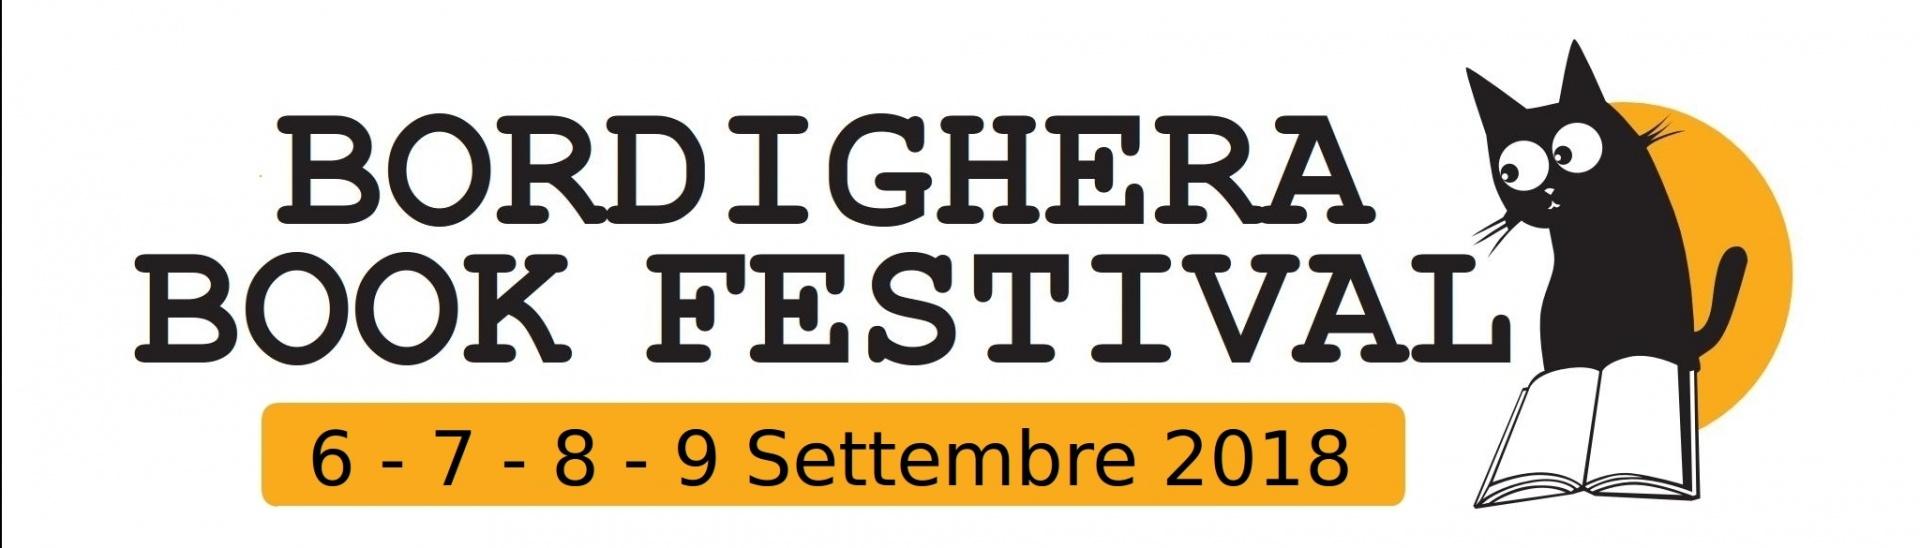 Bordighera Book Festival 6/7/8/9 settembre 2018